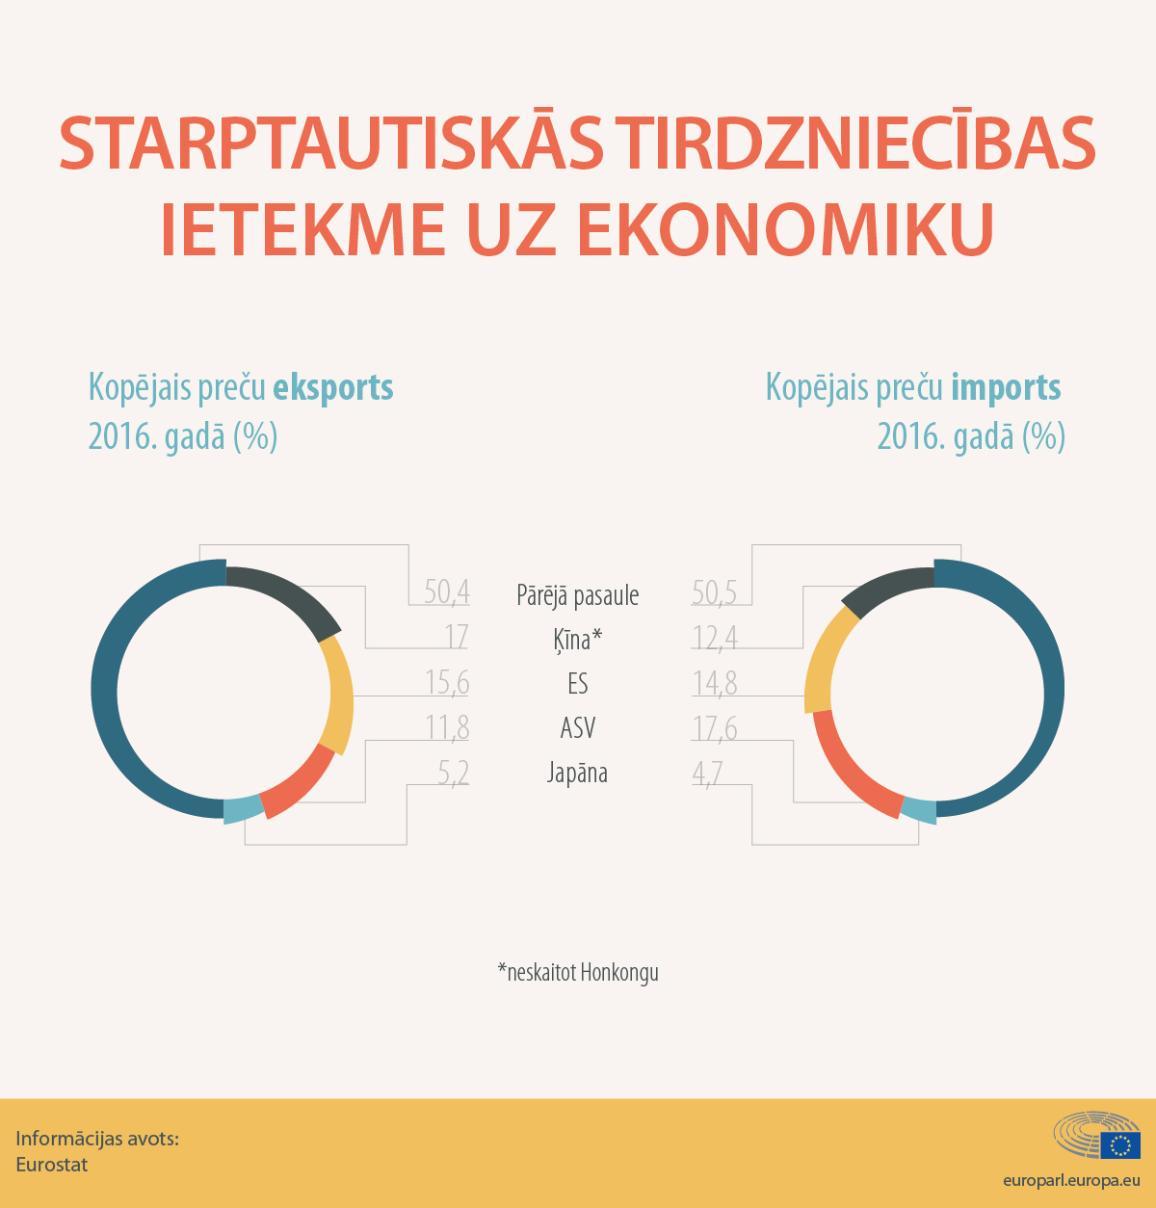 Infografika ilustrē, cik lielu daļu ieņem ES imports un eksports pasaules tirdzniecībā 2016. gadā.